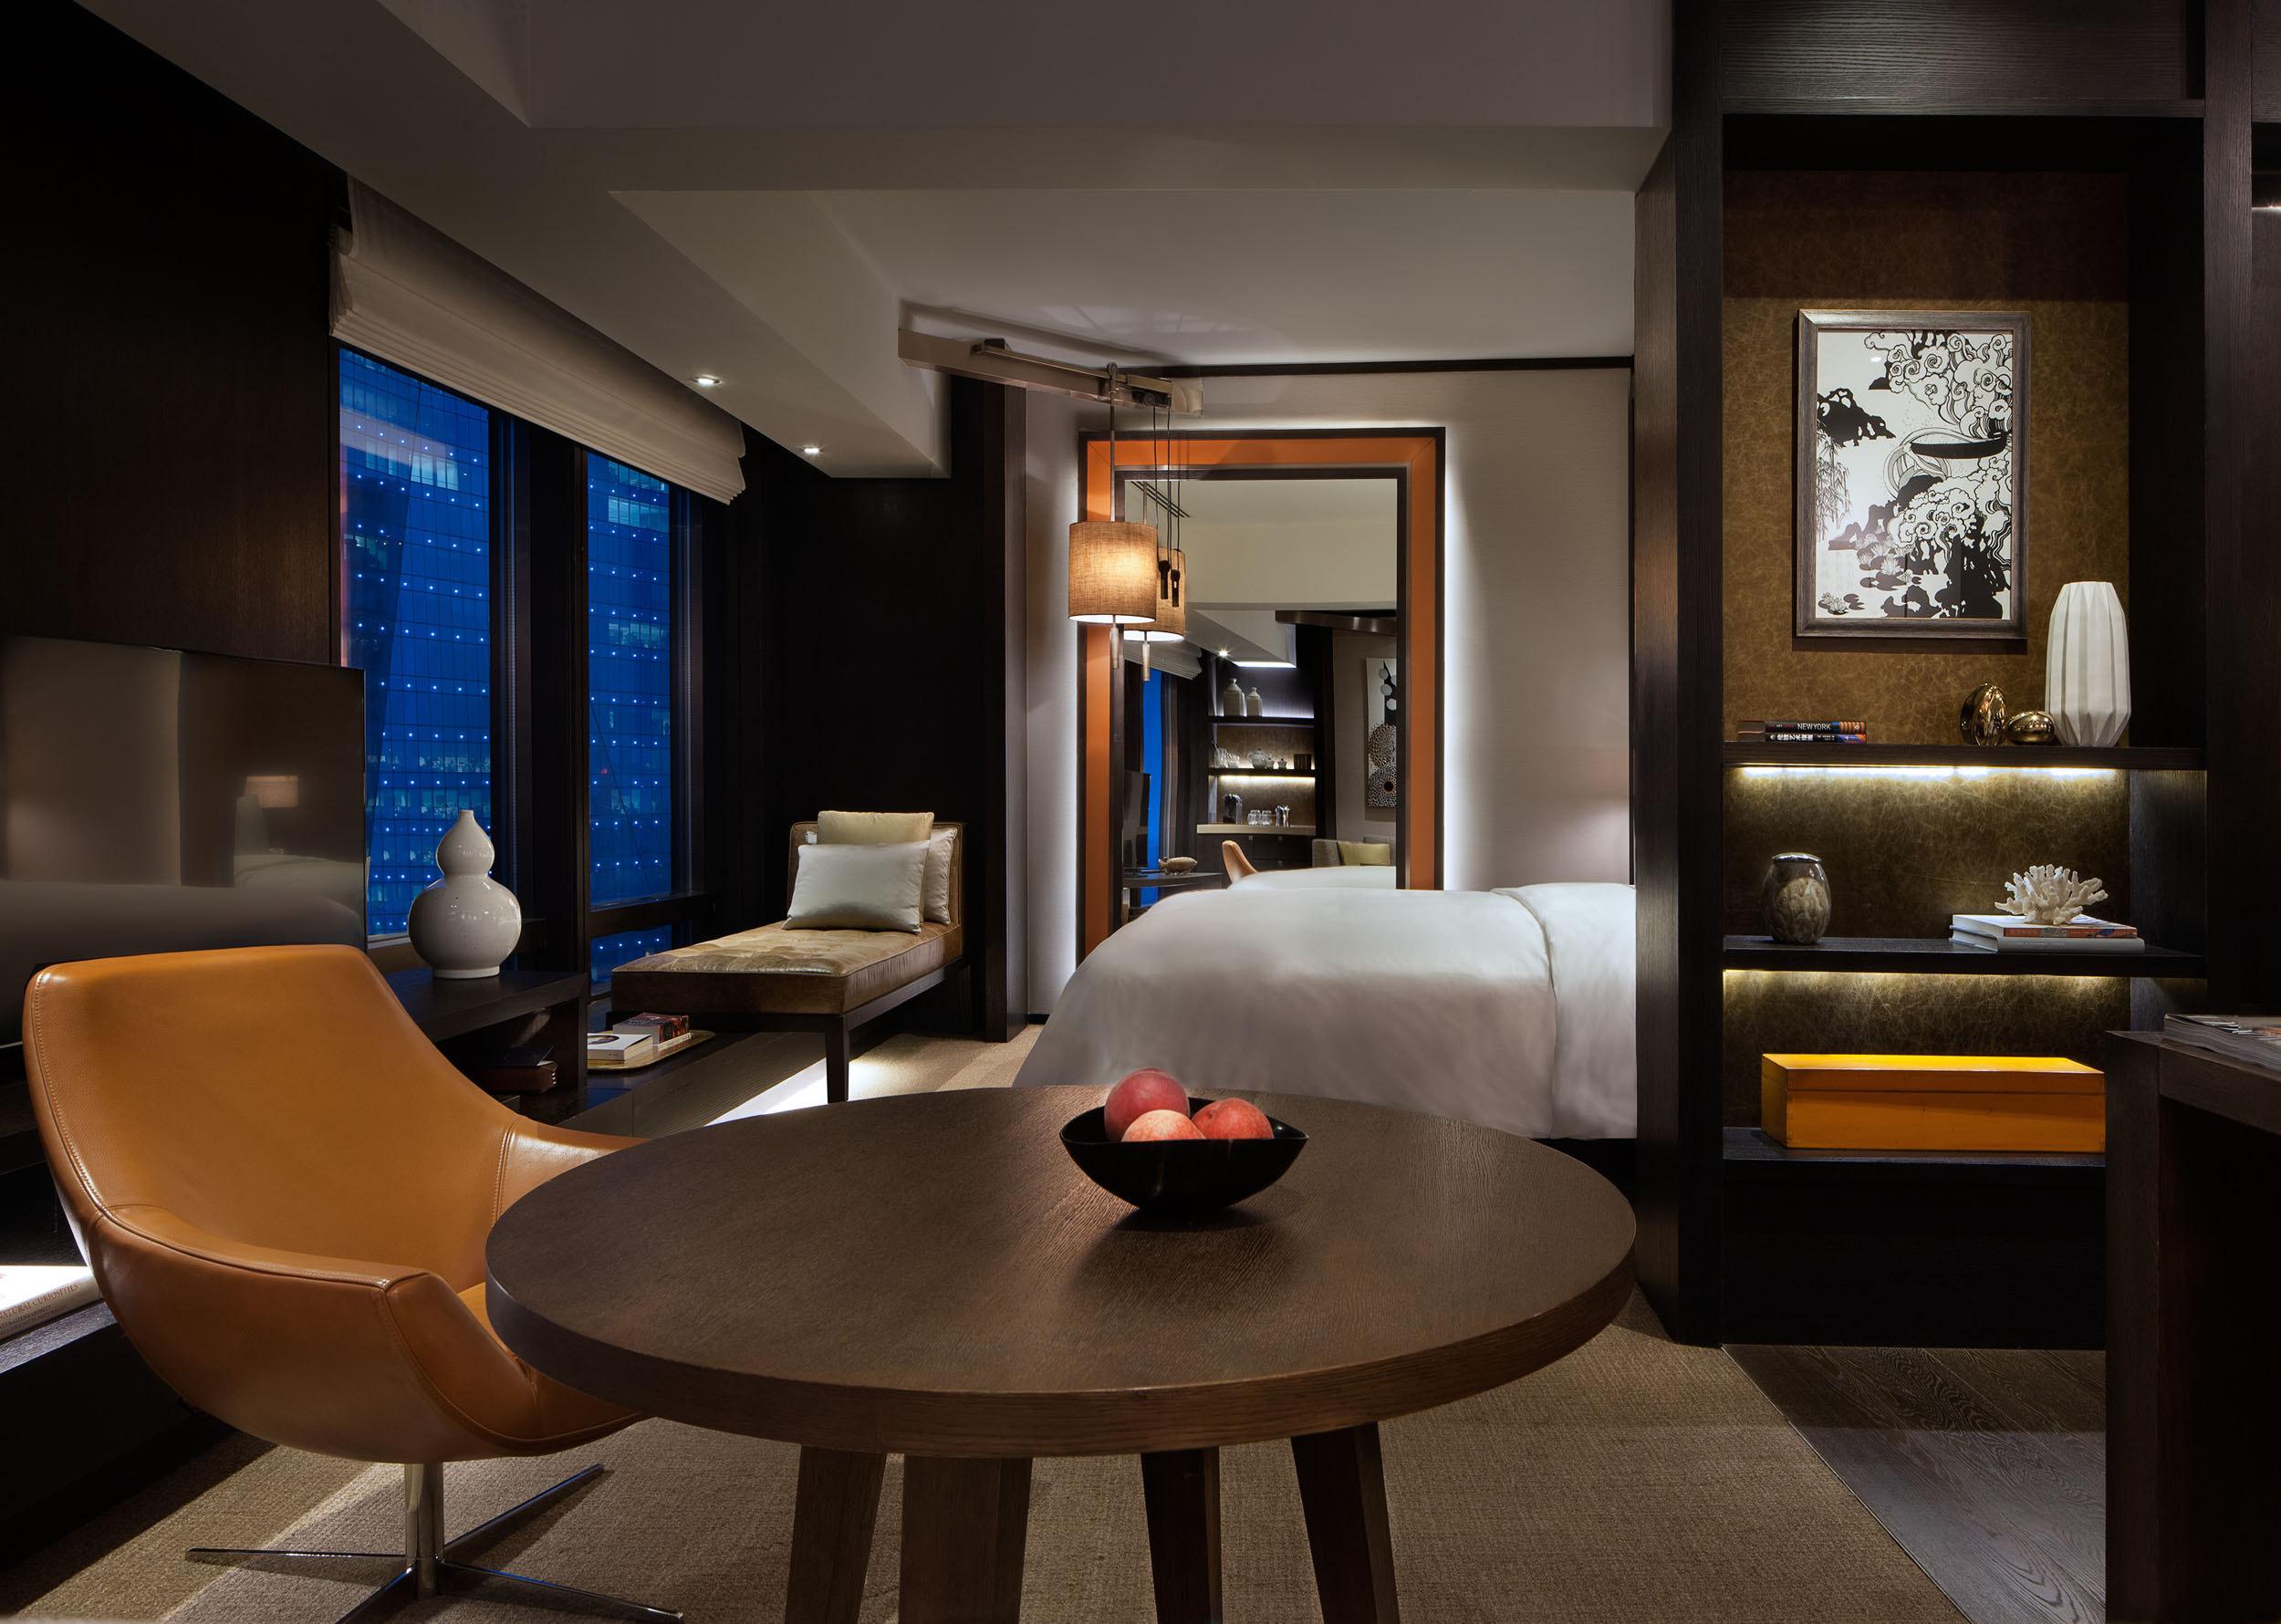 北京瑰丽酒店(贵宾客房)